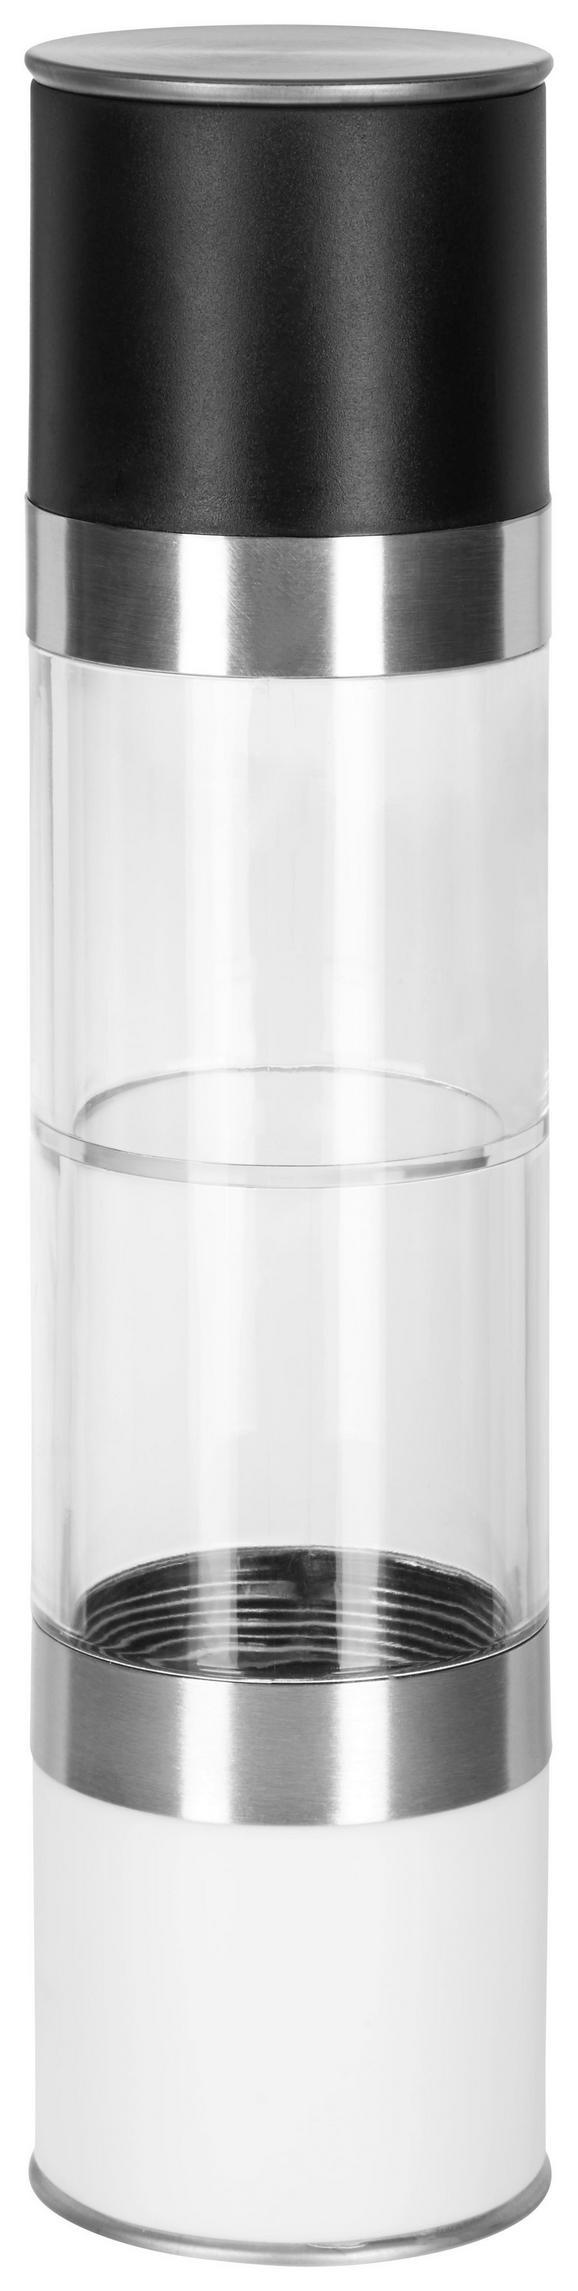 Salz- und Pfefferstreuer Pippa in Schwarz/Weiß - Edelstahlfarben/Transparent, Keramik/Kunststoff (5/22cm) - Mömax modern living